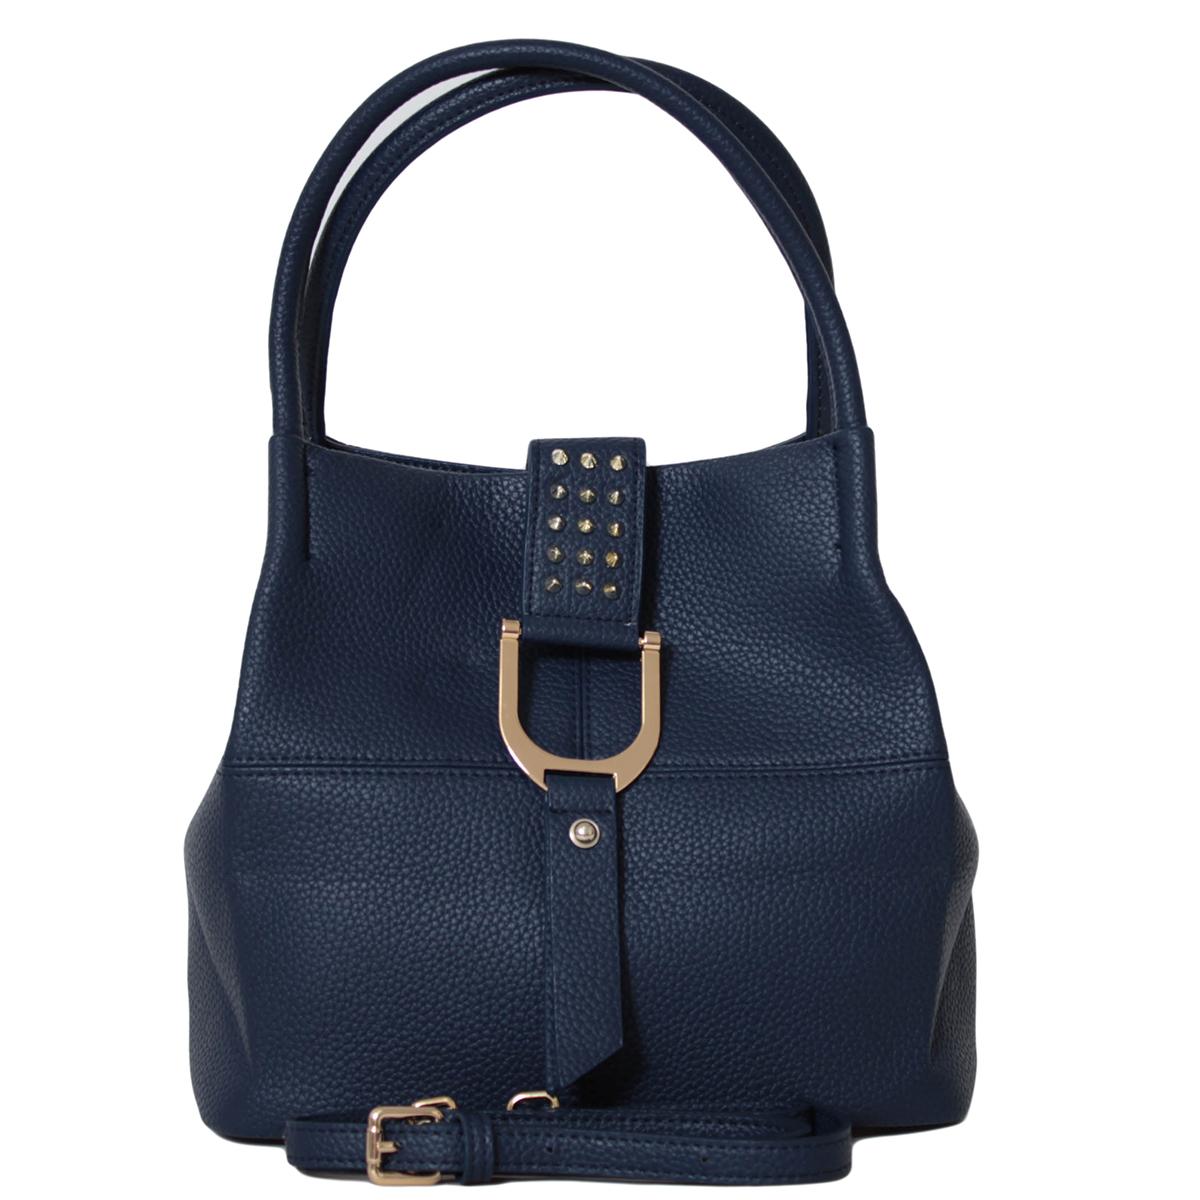 Сумка женская Flioraj, цвет: синий. 0005271700052717Закрывается на клапан. Внутри одно отделение, один карман на молнии и два открытых кармана. Есть длинный ремень.